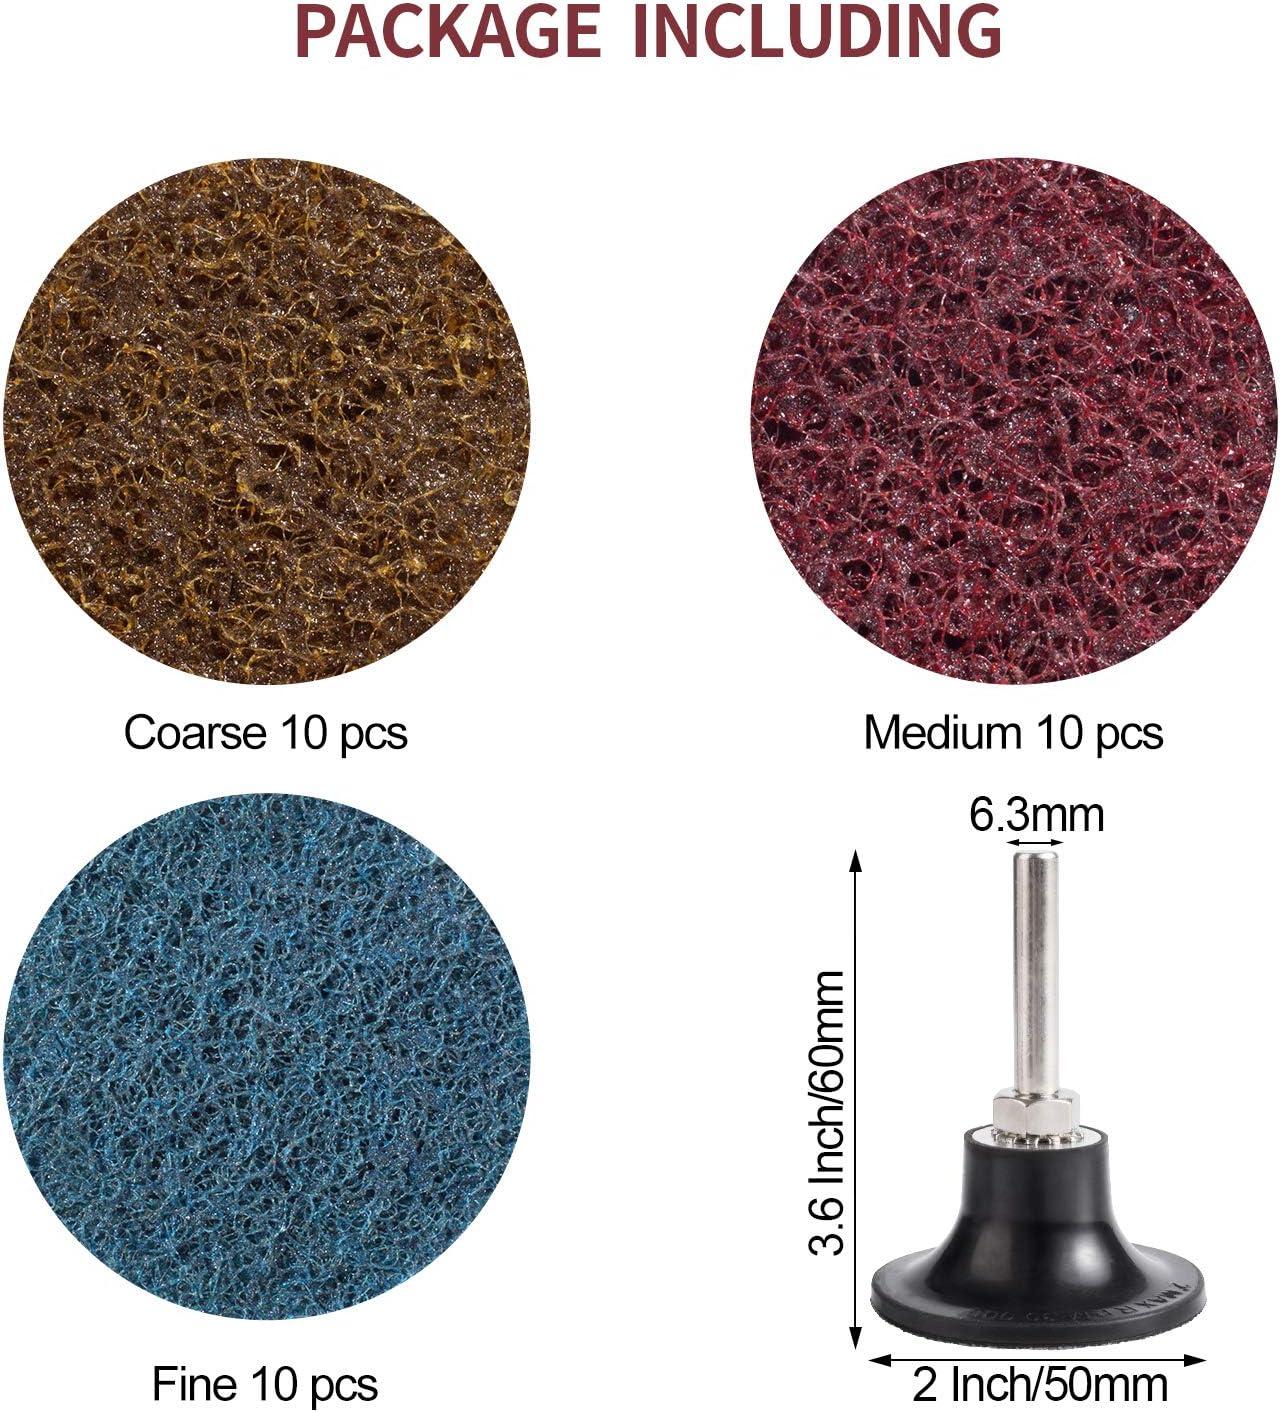 Disques /à Changement Rapide Disque de Pon/çage avec Support Rouleau de Verrouillage Surface Roloc /à changement Pour Enl/èvement de Peinture et Rouille de Surface de Meuleuse